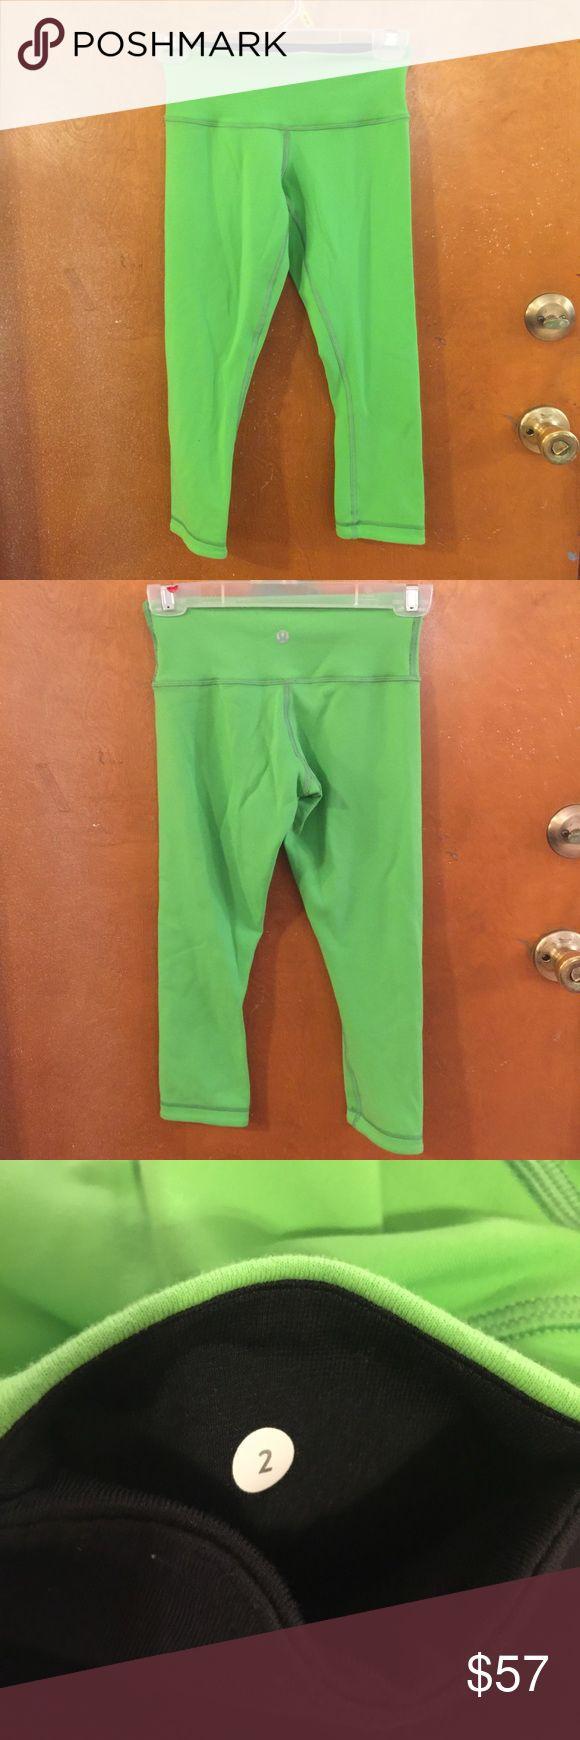 Lululemon lime green Capri leggings size 2 Lululemon lime green Capri leggings size 2 lululemon athletica Pants Leggings